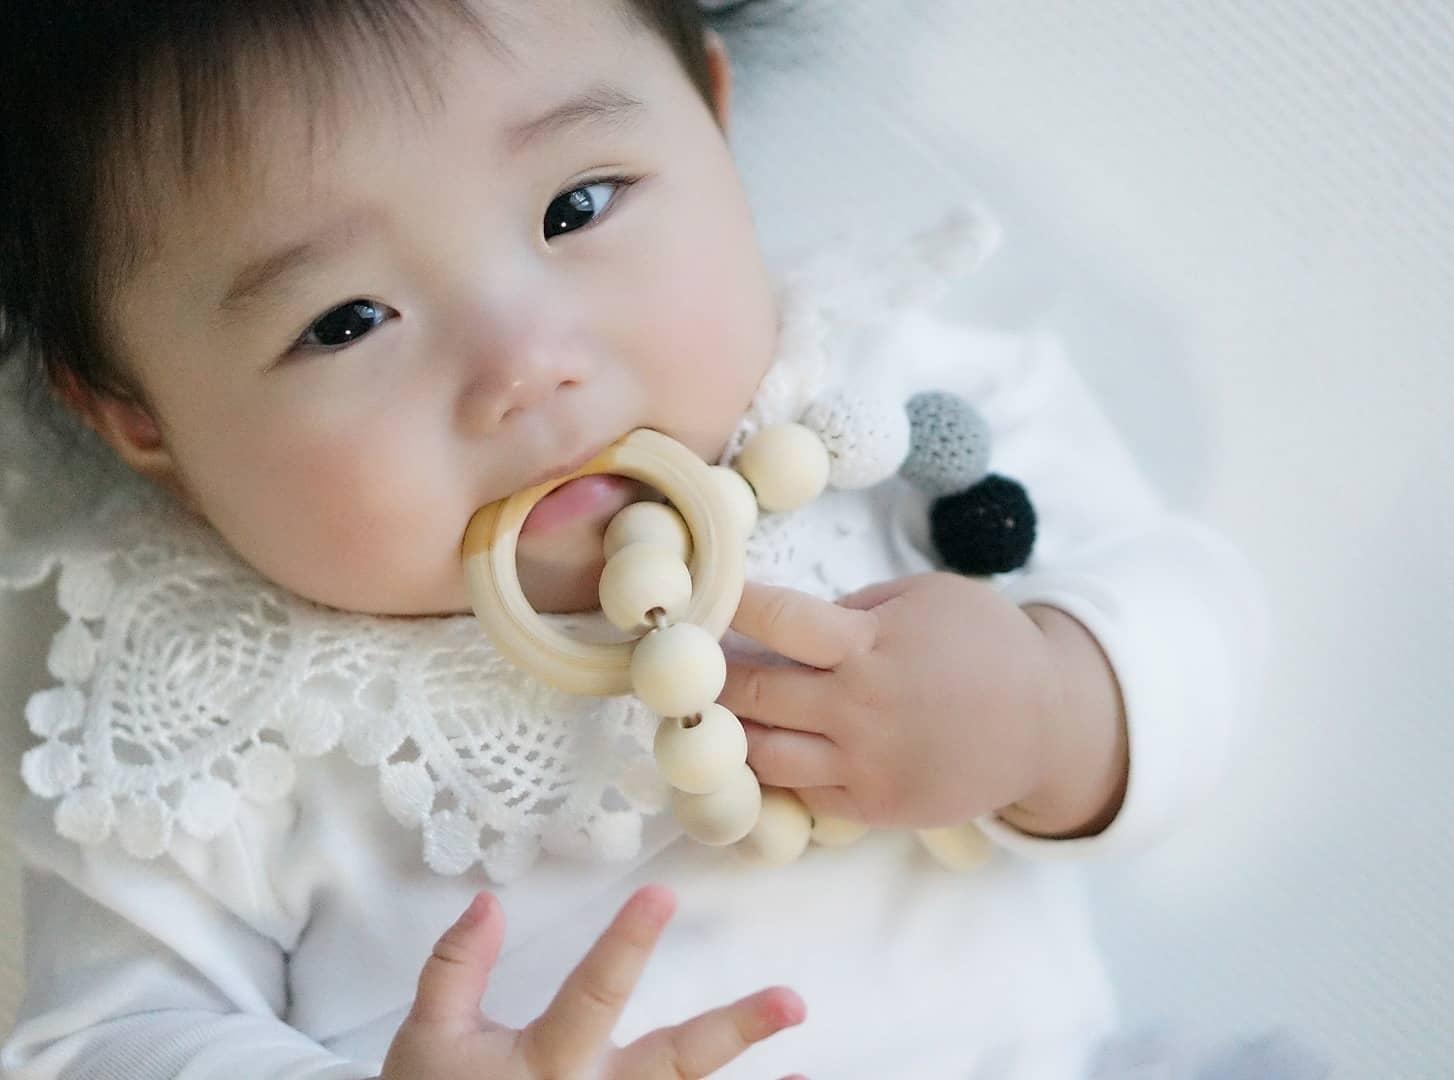 歯の発育には「歯固め」がおすすめ! いつからいつまで使う? 選ぶときの3つのポイントも紹介